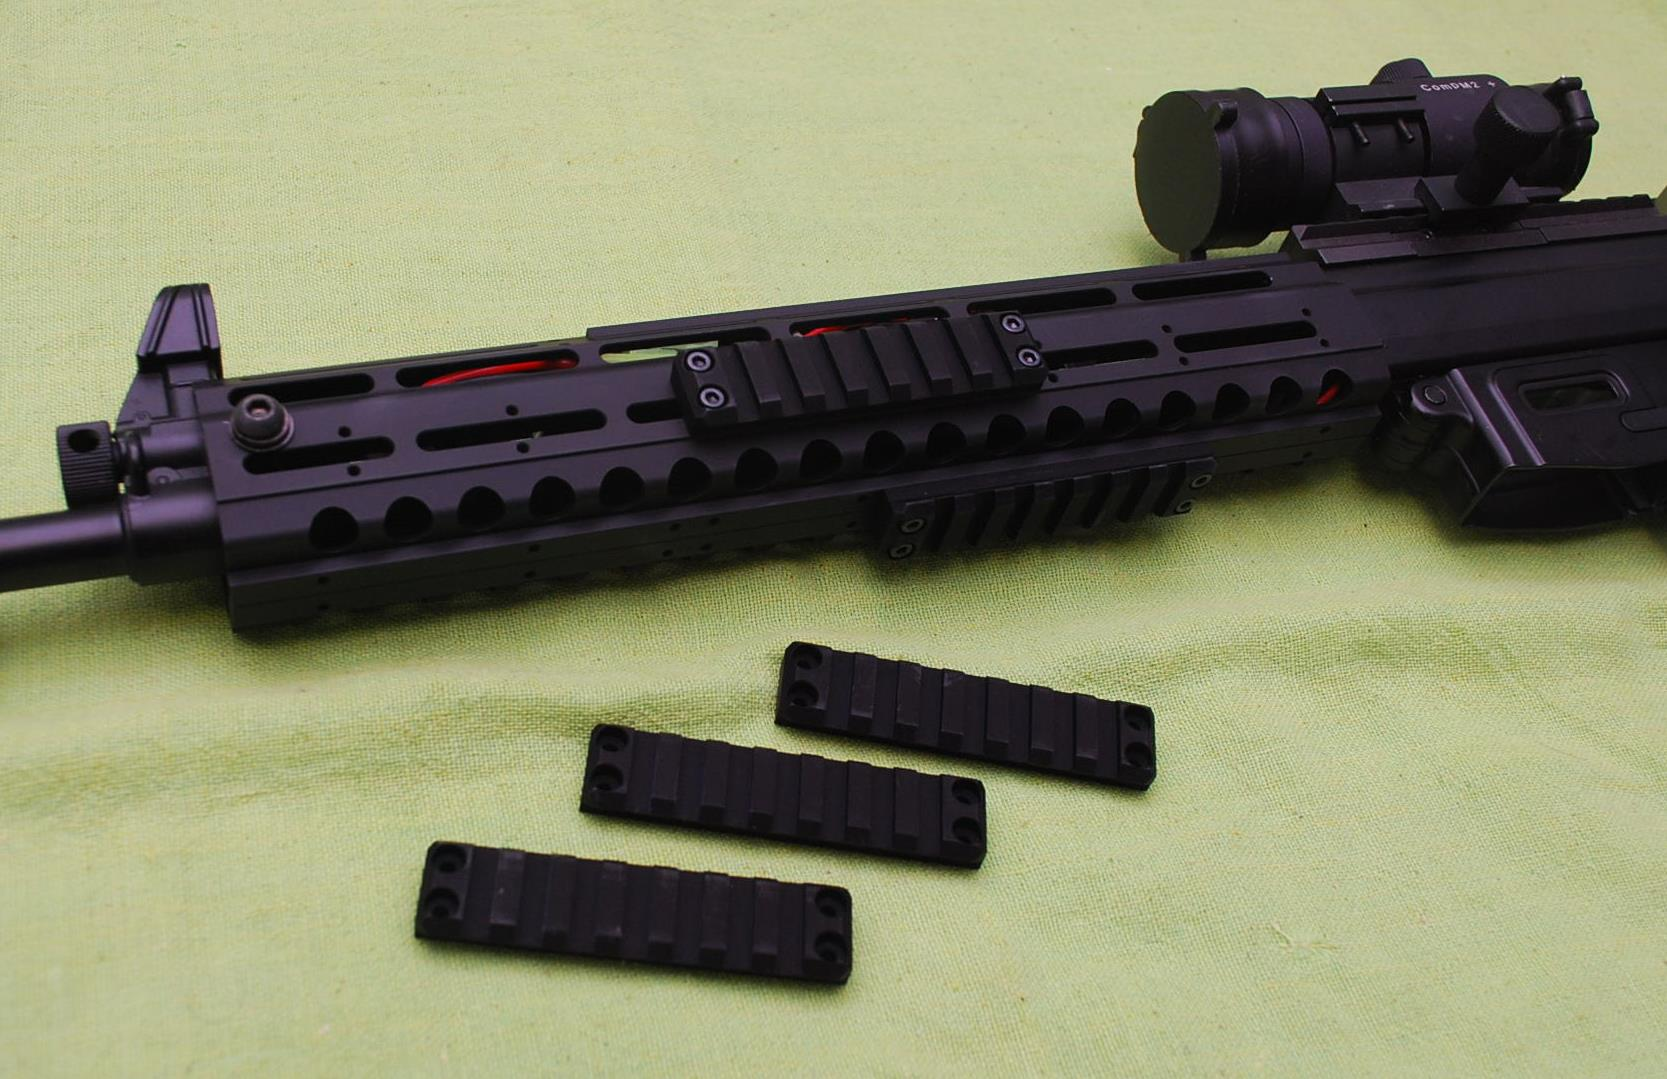 OTS 89式小銃用レール付被筒  89式用レールハンドガード実銃用電動可